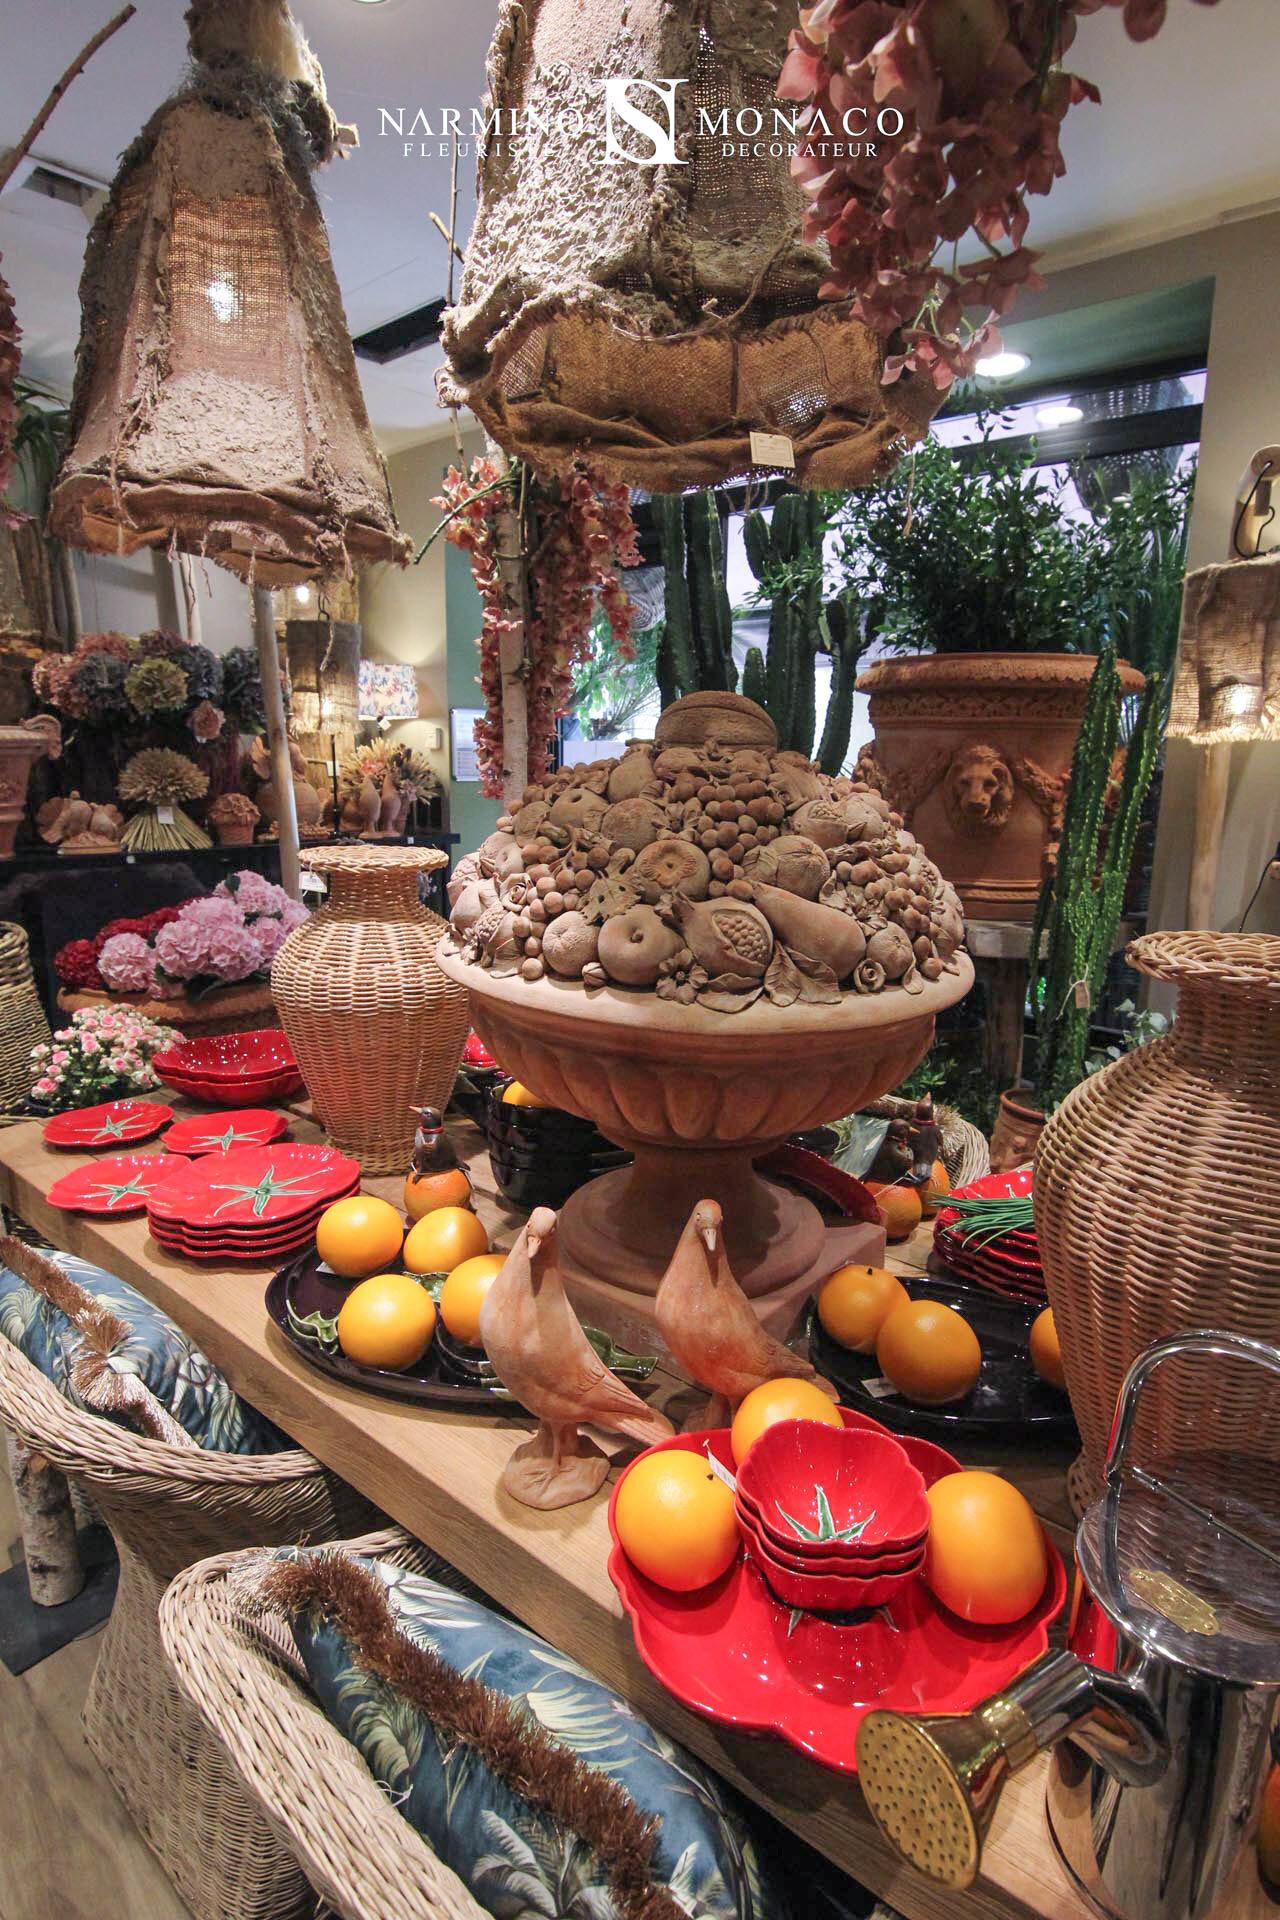 Vaisselle champêtre et objets de décoration en terre cuite